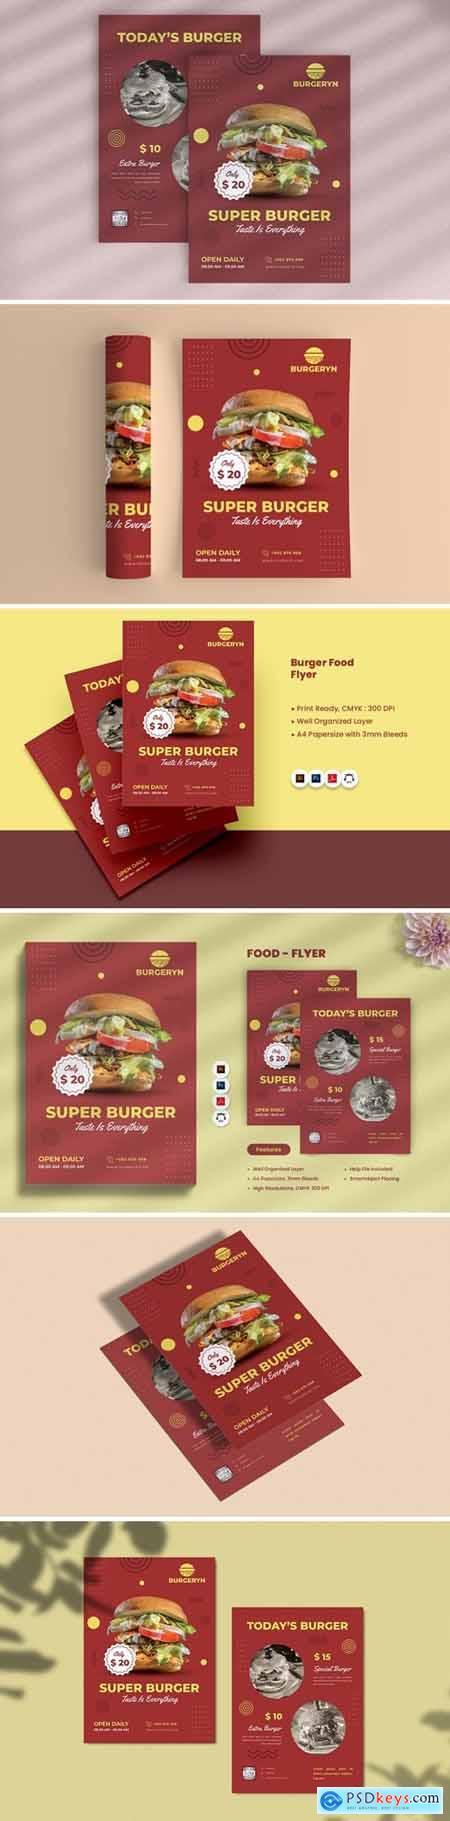 Burger Food Flyer